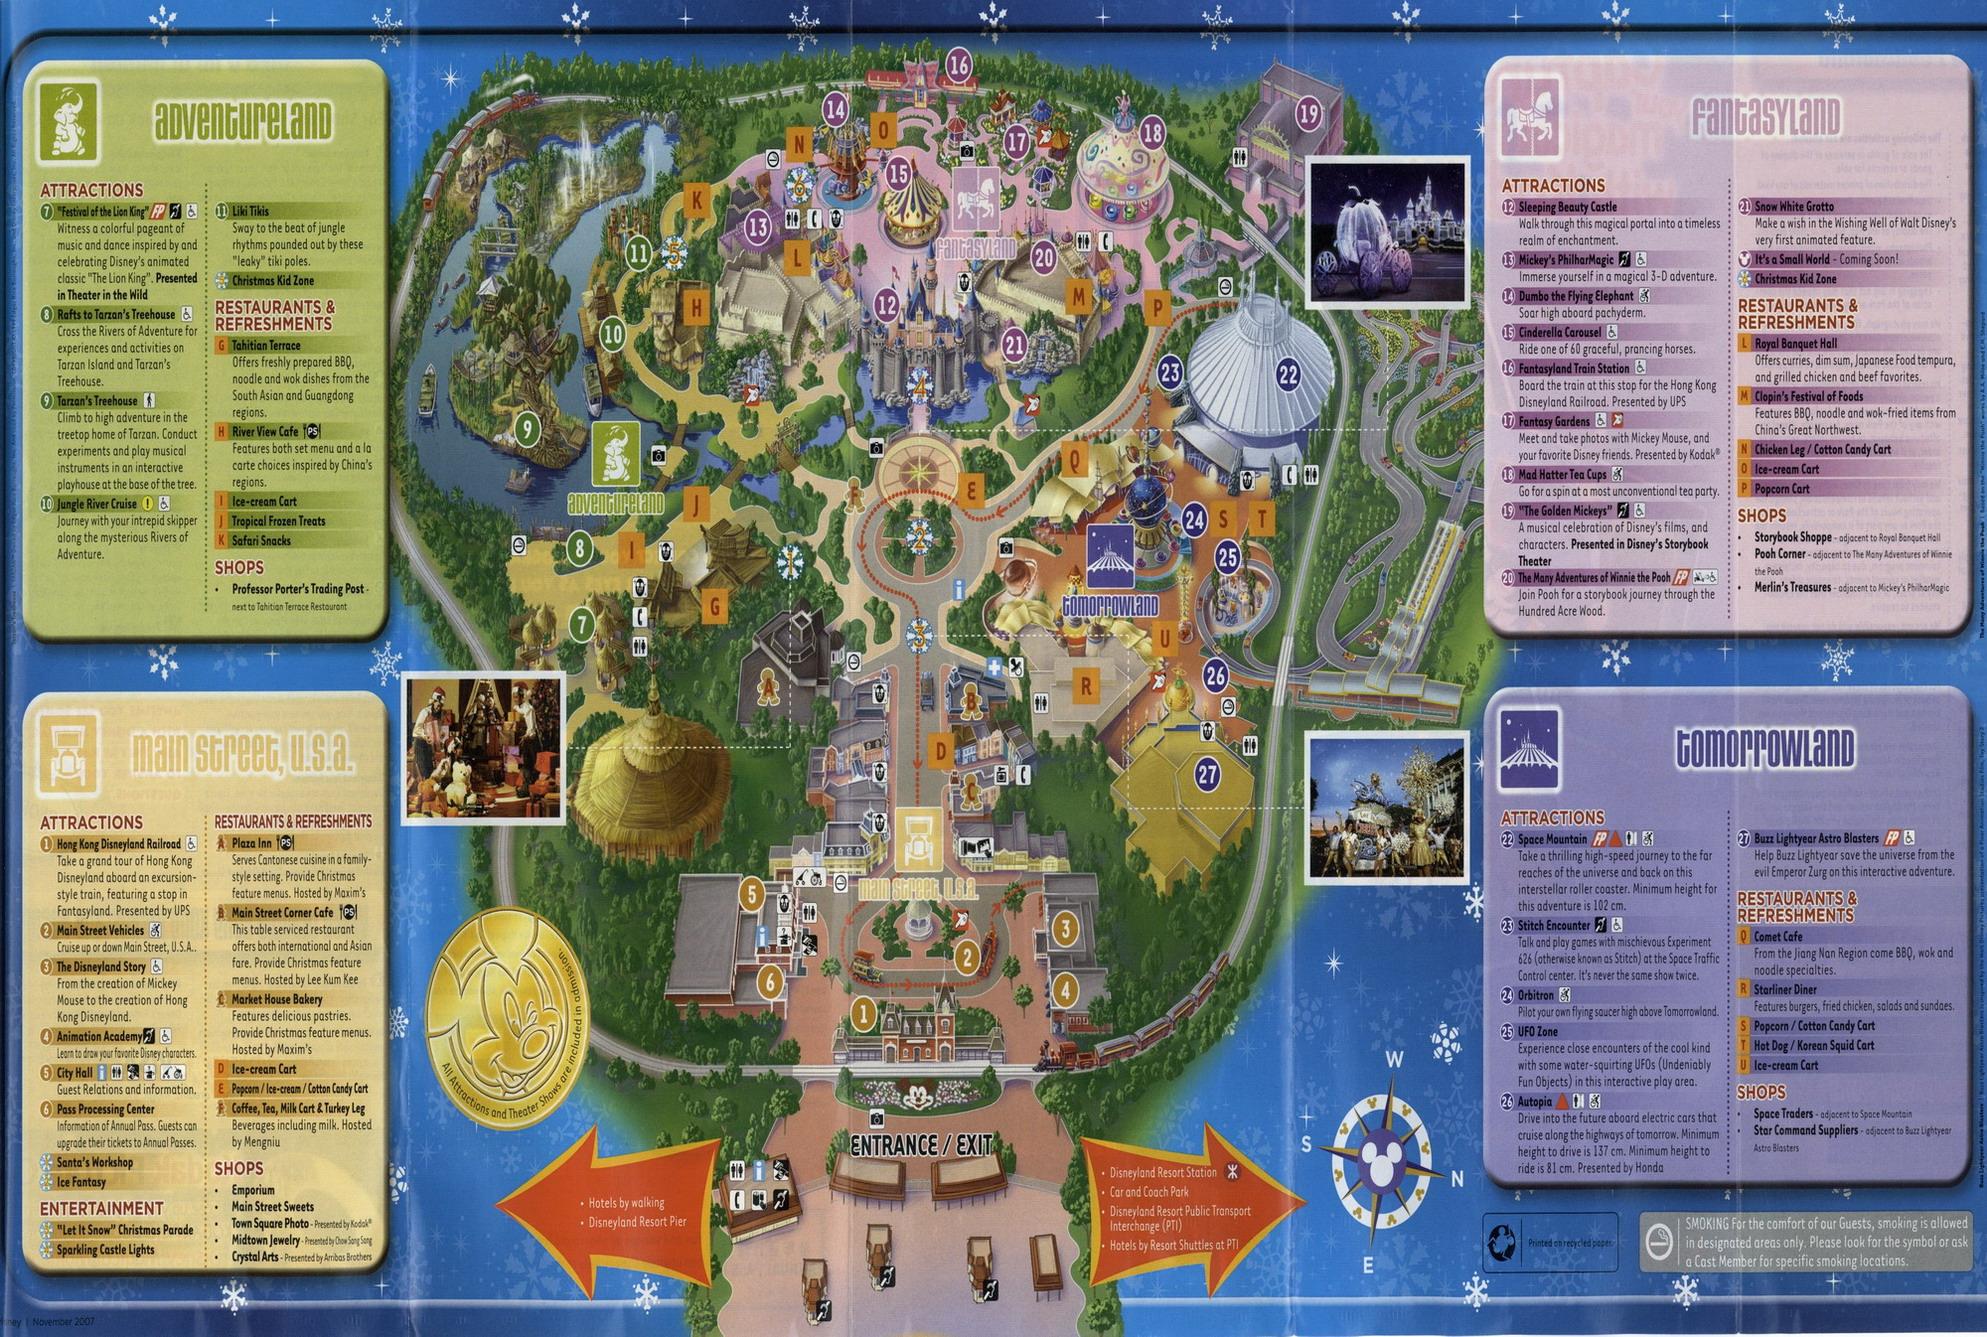 Hong Kong Disneyland Park Map - Hong Kong Maps - China Tour Advisors